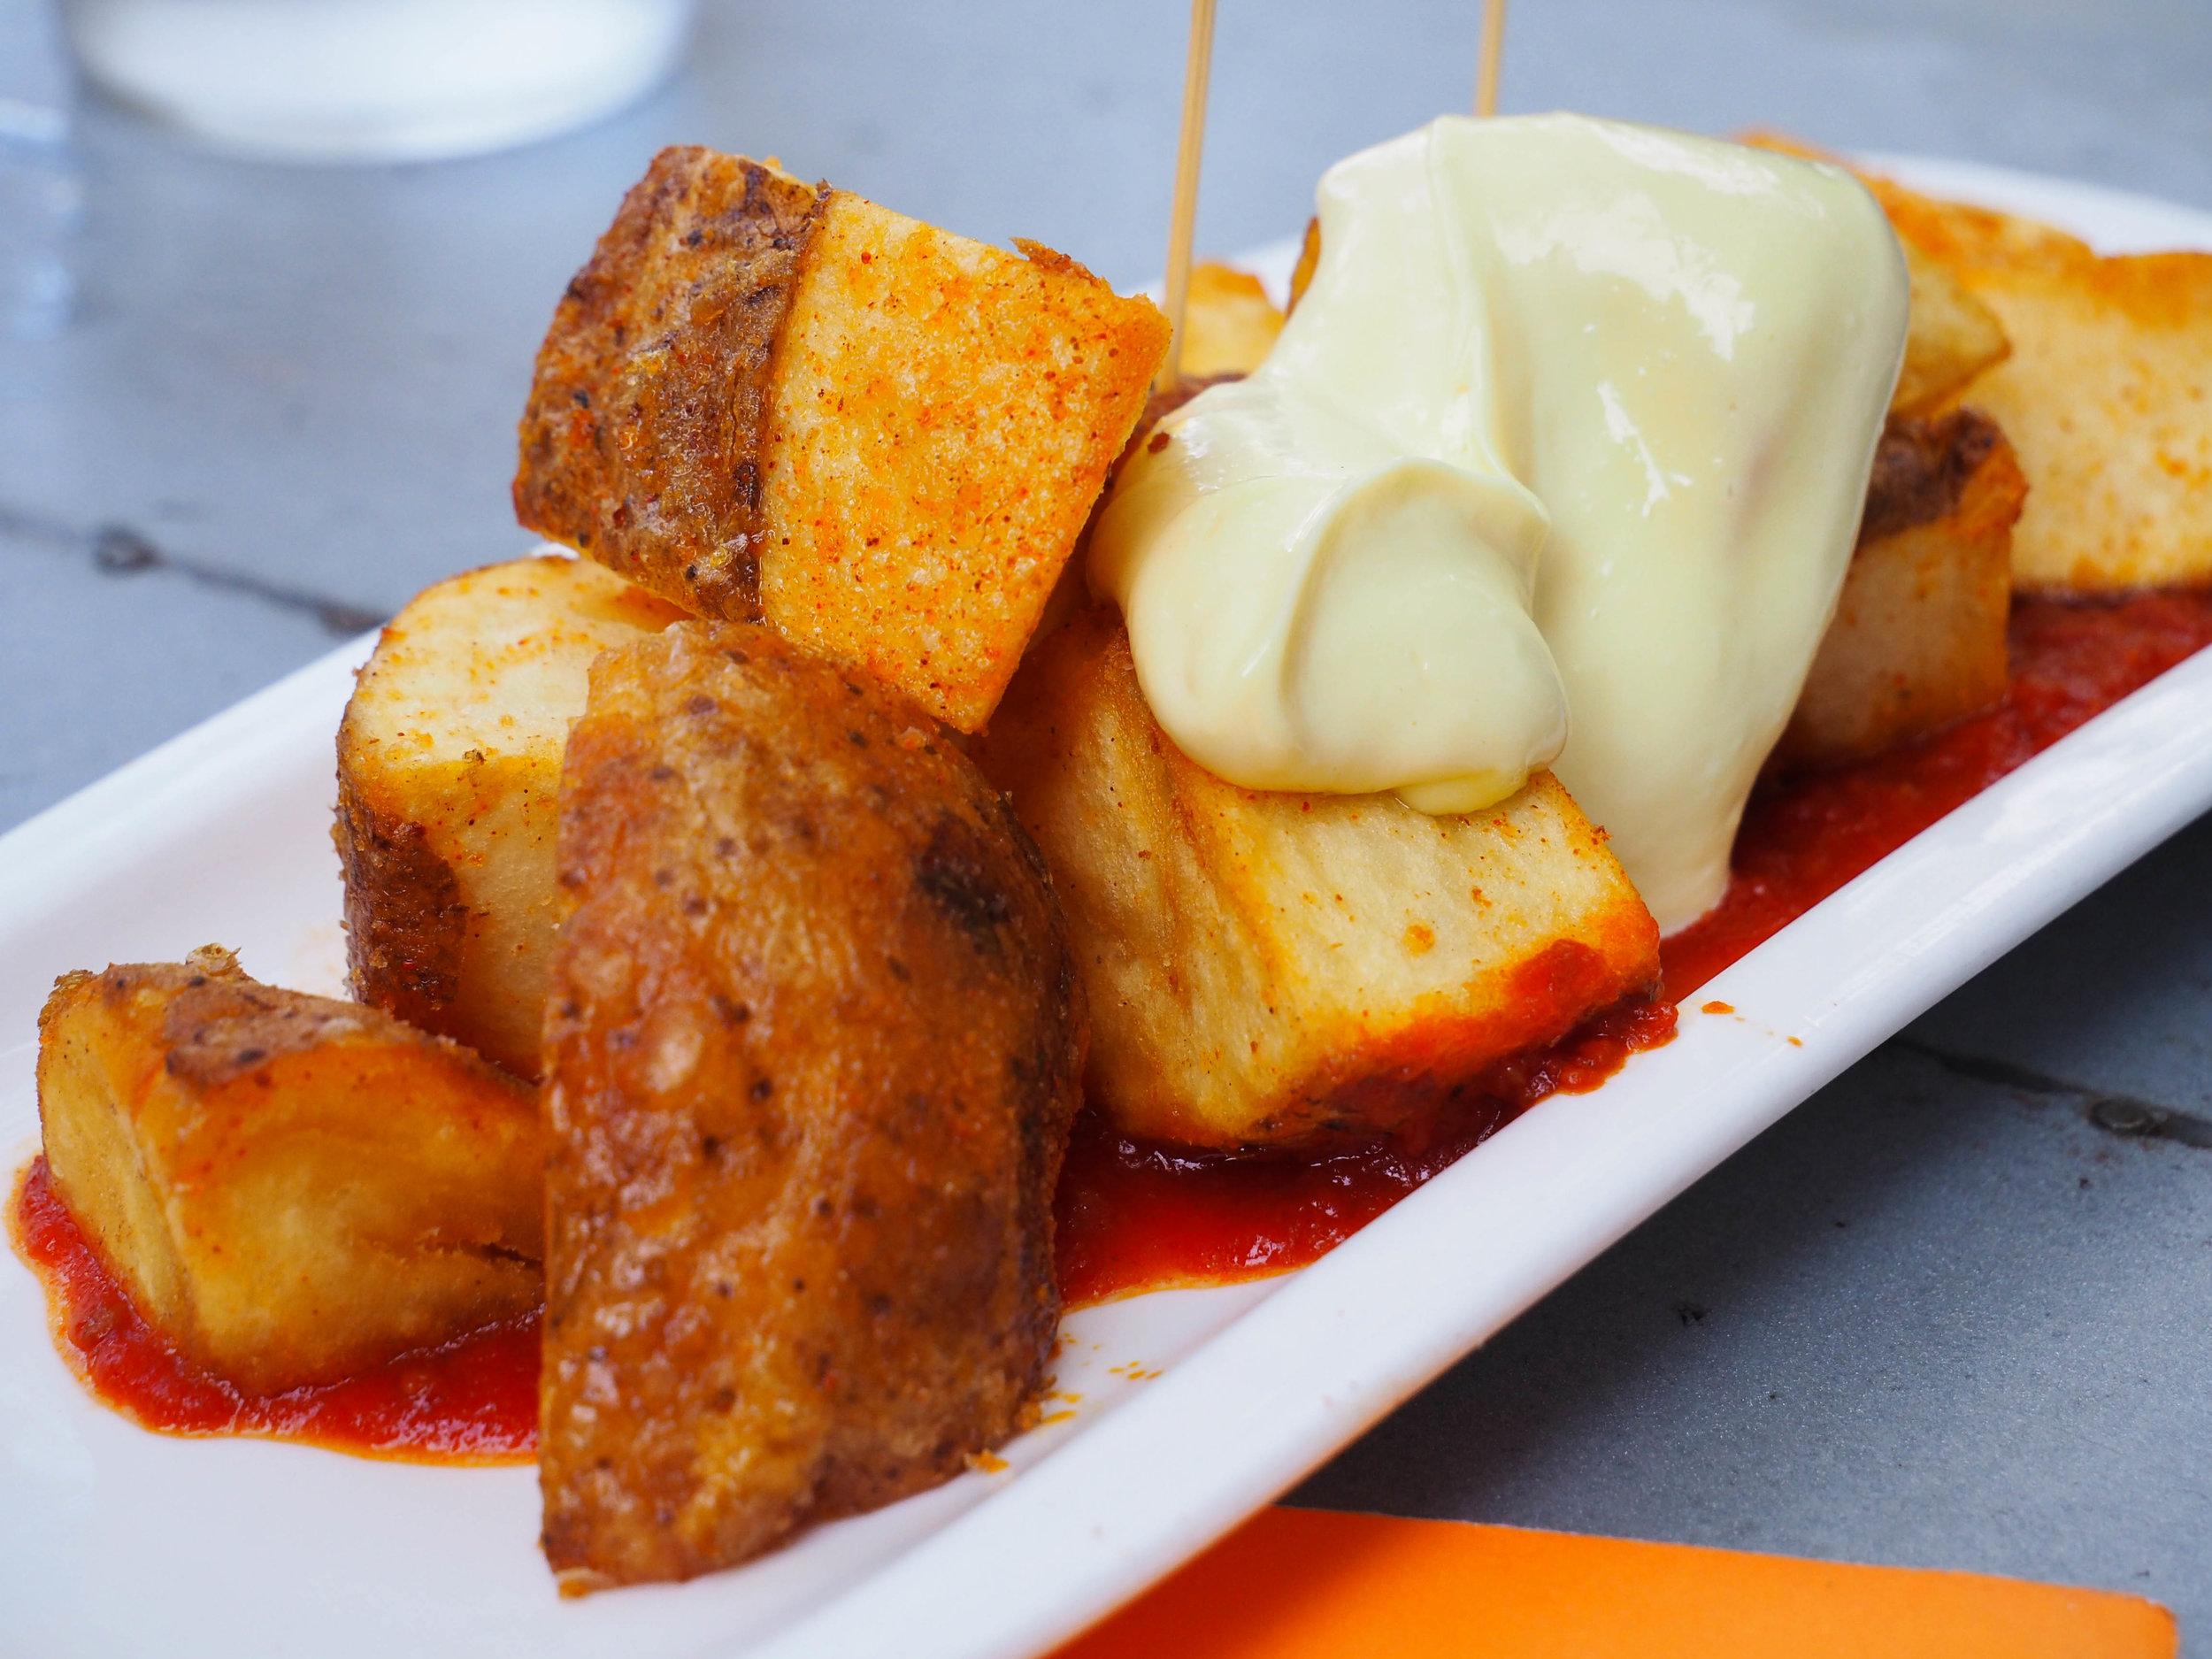 普拉达是最喜欢的牛排!热辣辣番茄酱烤了番茄酱酱。